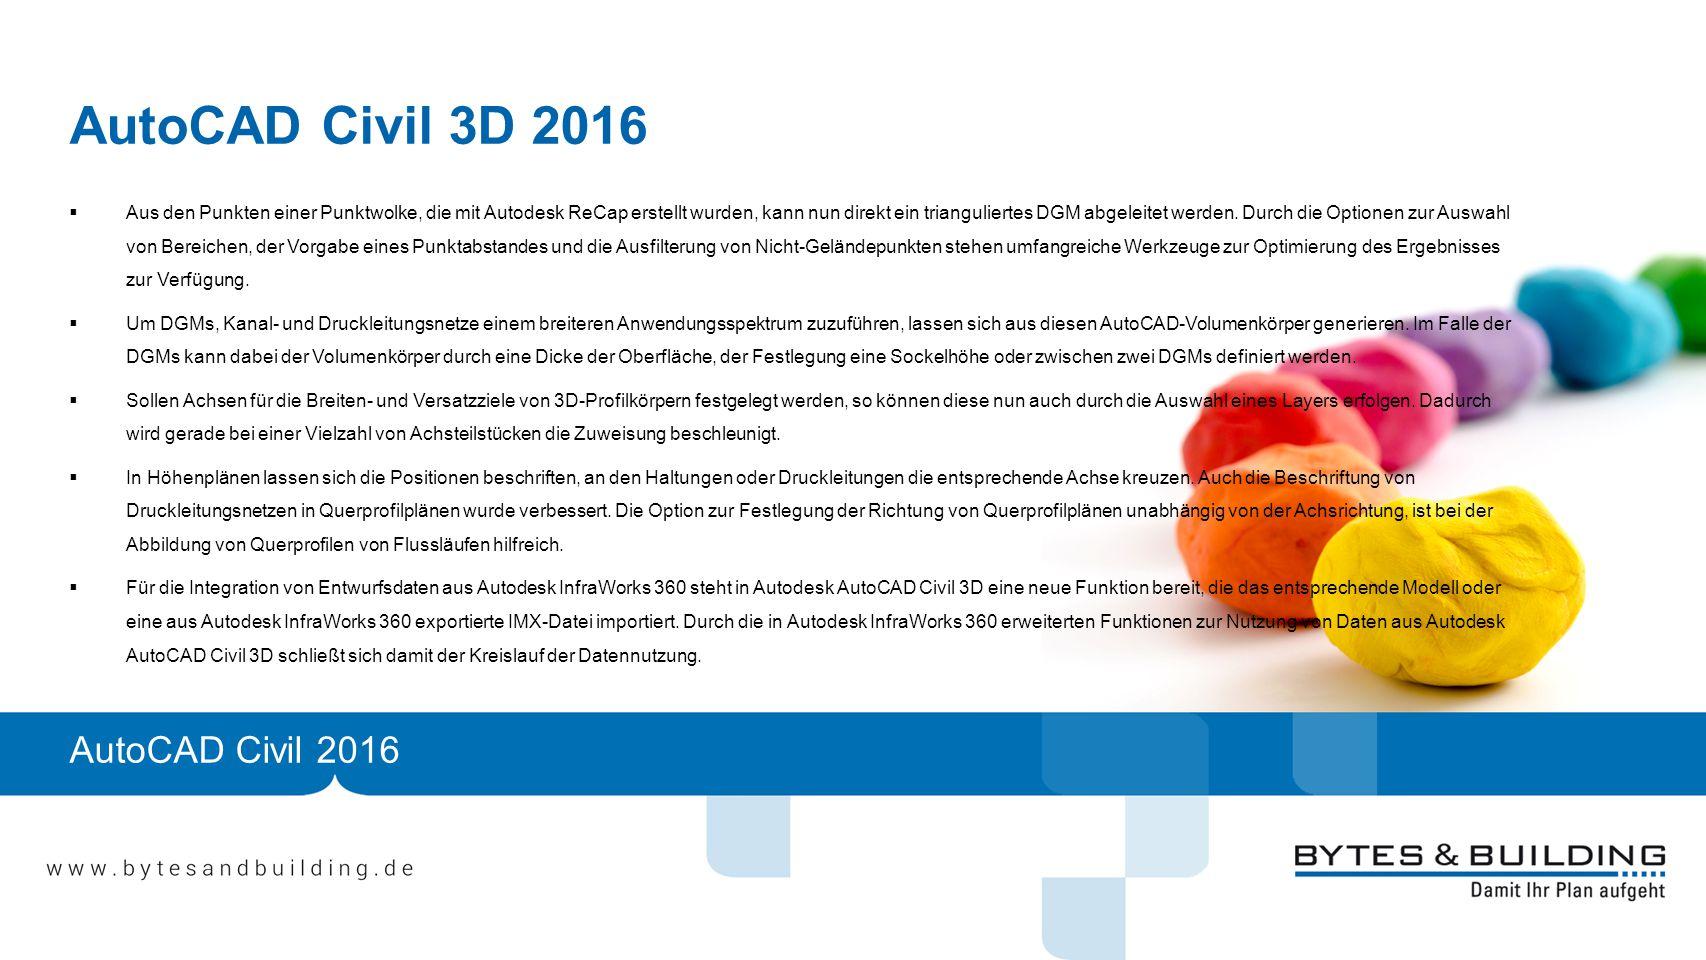 AutoCAD Civil 3D 2016  Aus den Punkten einer Punktwolke, die mit Autodesk ReCap erstellt wurden, kann nun direkt ein trianguliertes DGM abgeleitet werden.